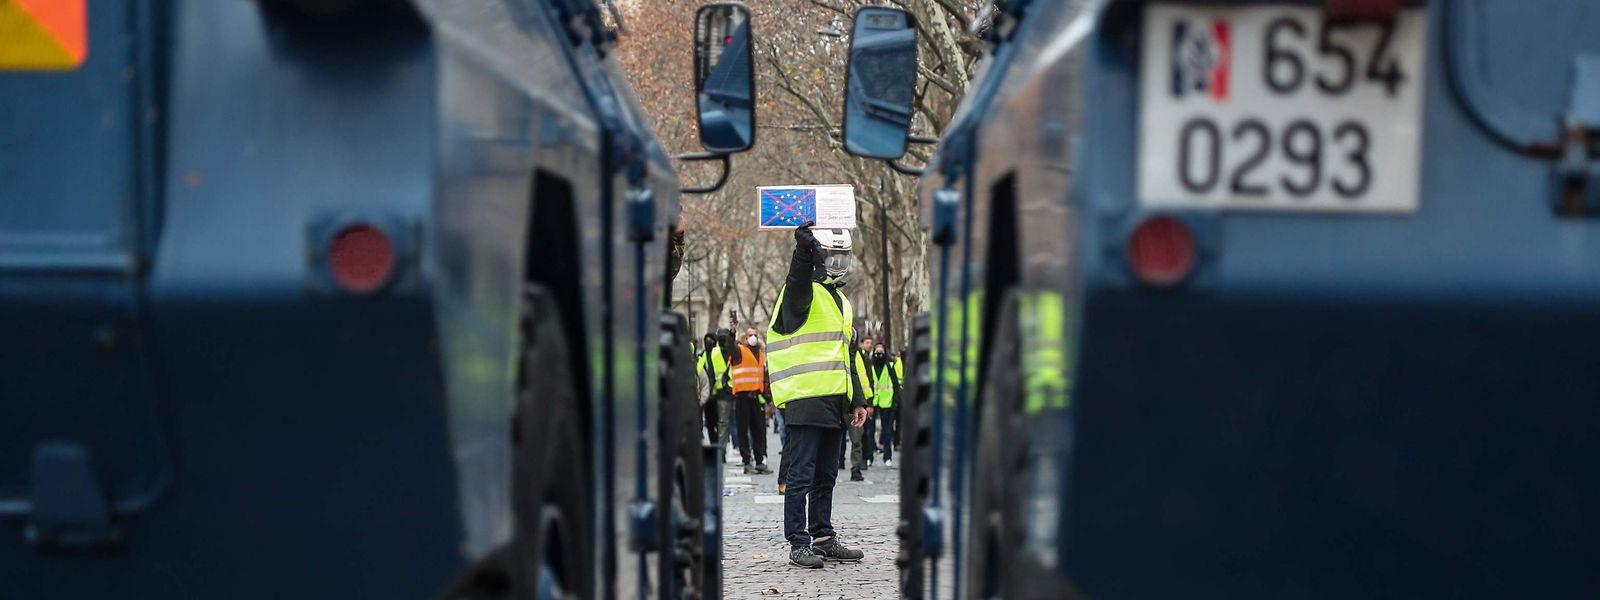 """Un """"gilet jaune"""" aperçu au loin, avec en premier plan deux véhicules blindés de la gendarmerie, près de l'Arc de Triomphe à Paris."""